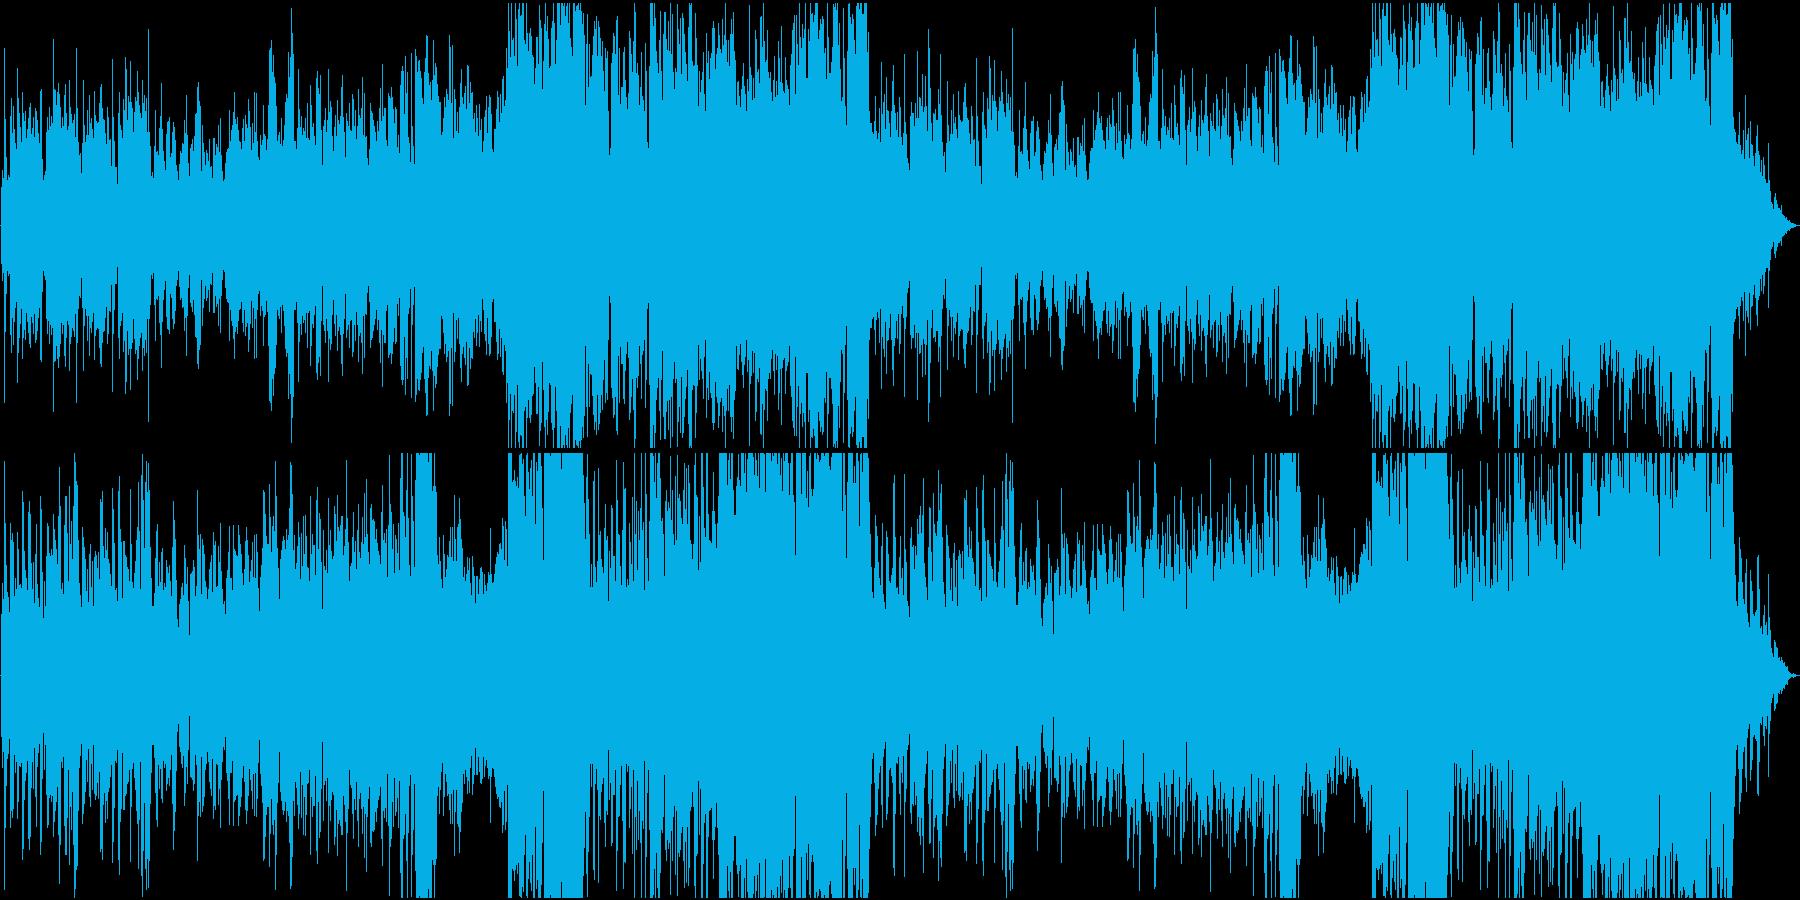 草原をイメージしたRPG風BGMの再生済みの波形